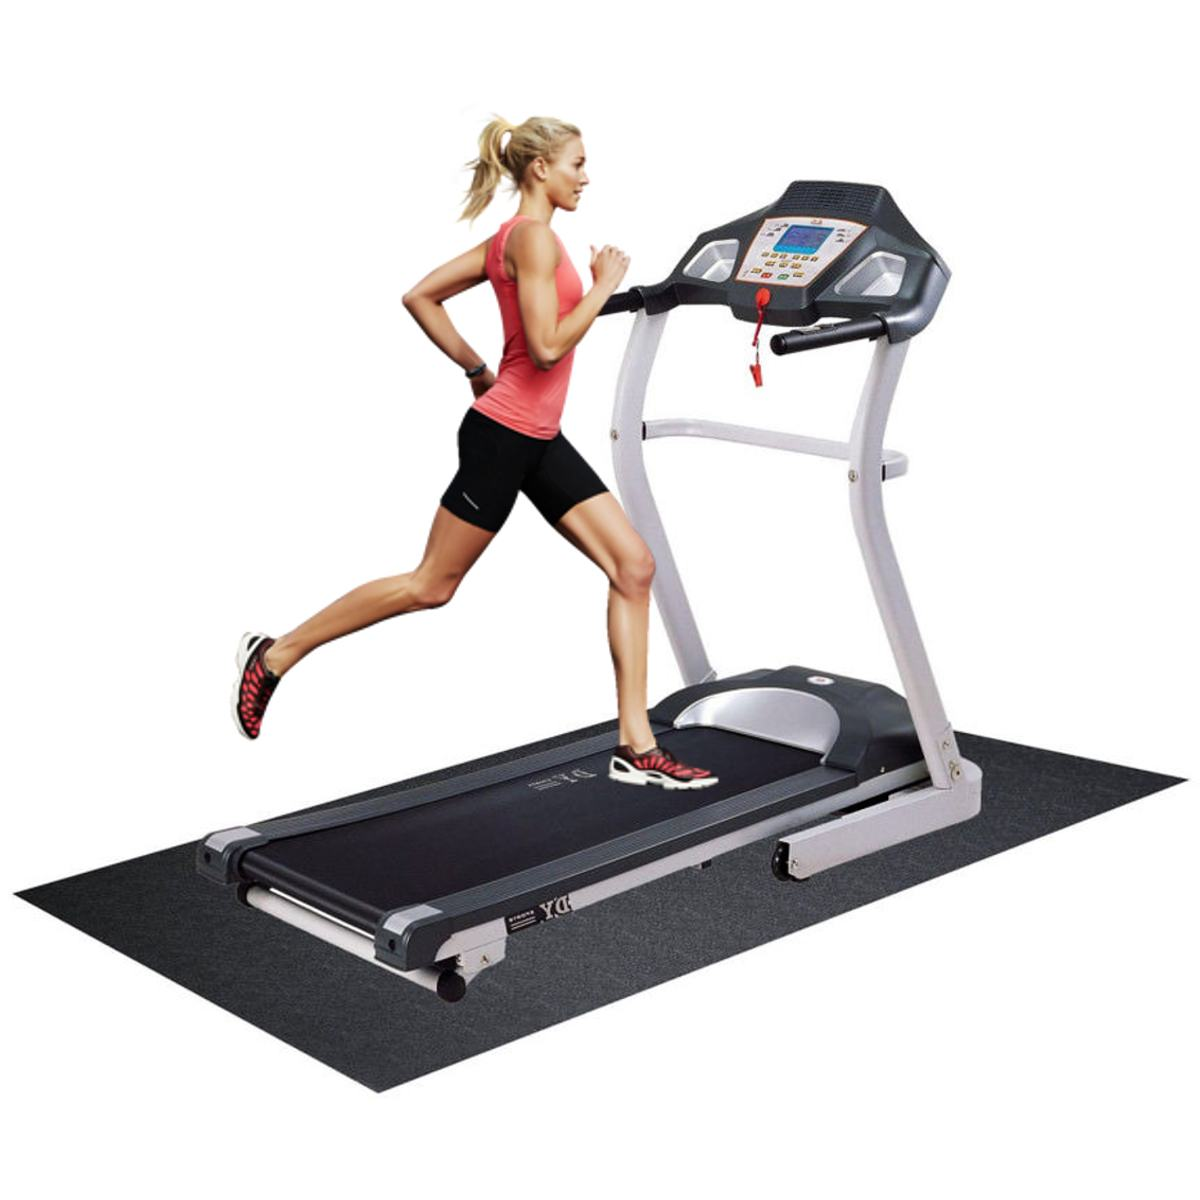 180x75cm nbr esteira do exercício ginásio equipamentos de fitness para a bicicleta da esteira da esteira da esteira do assoalho que corre a almofada absorvente de choque da máquina preto